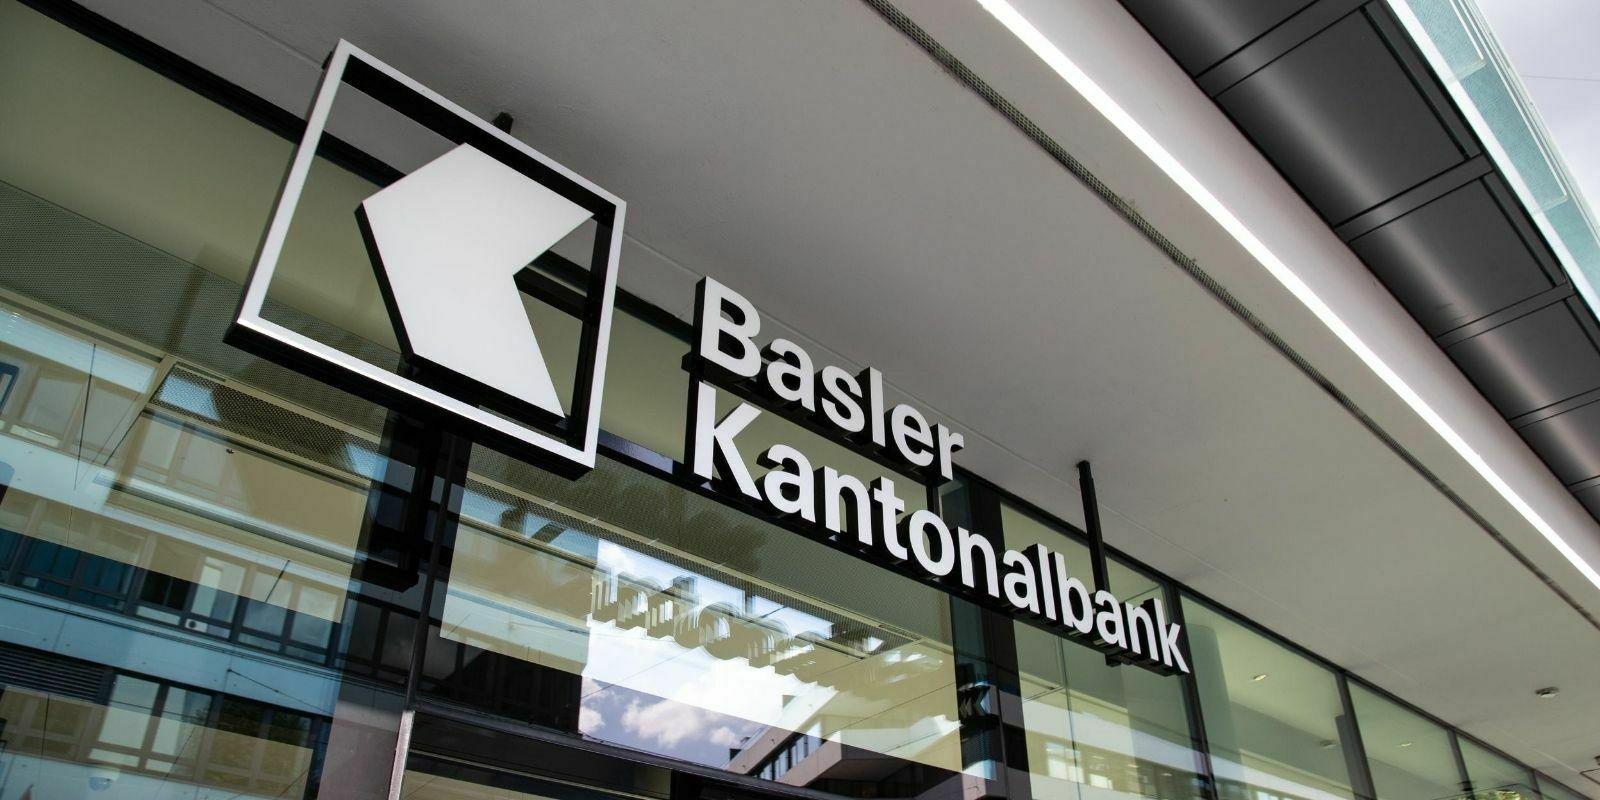 Suisse : la banque d'État BKB offrira des services pour les cryptomonnaies